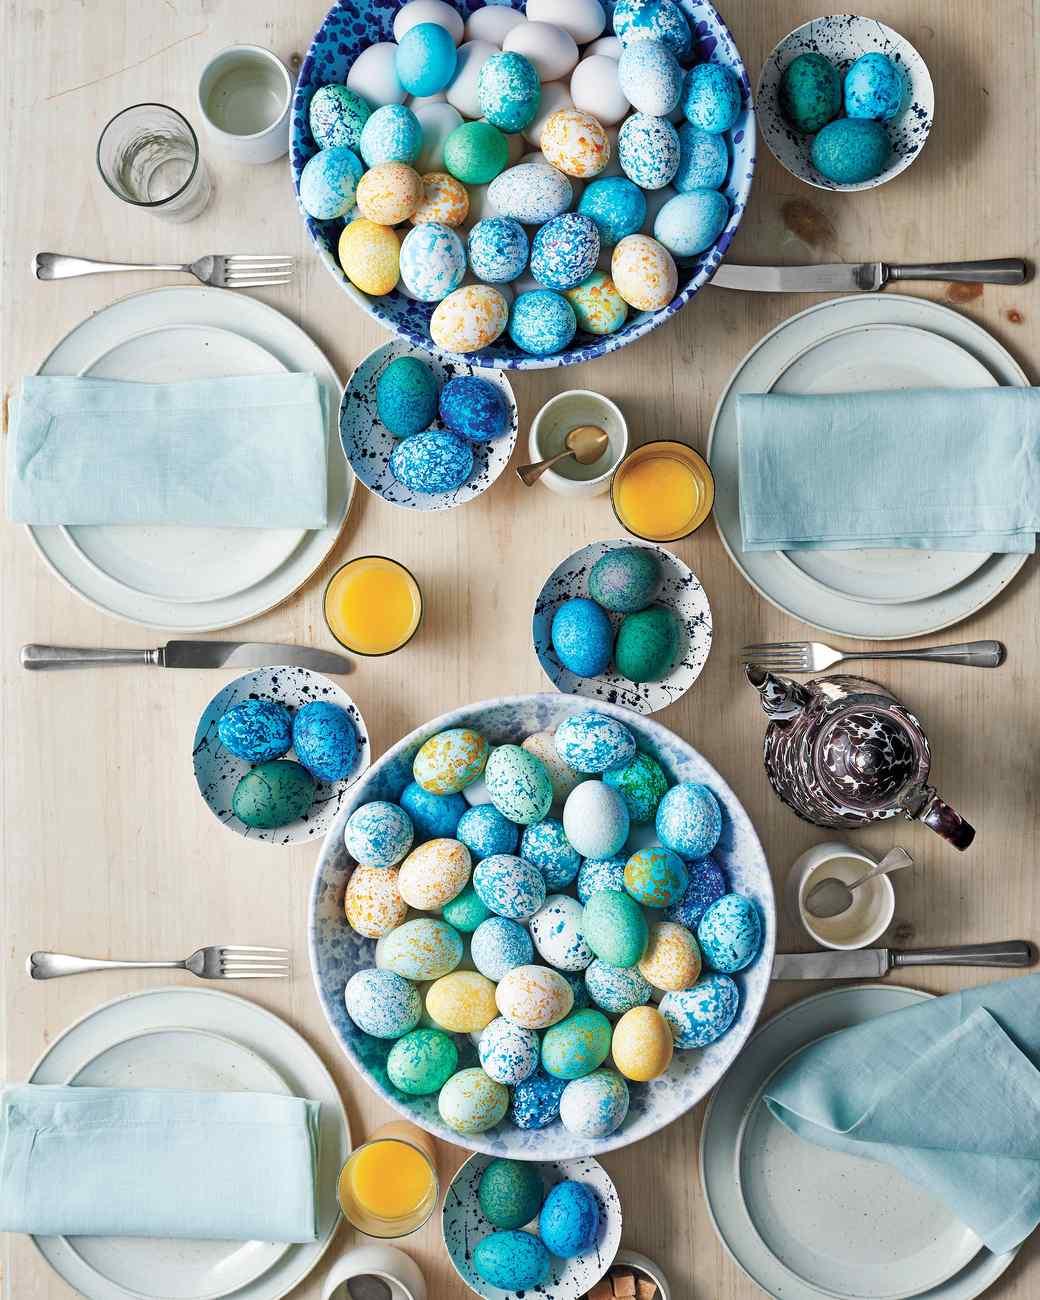 splattered-eggs-table-setting-054-darker-d112668.jpg